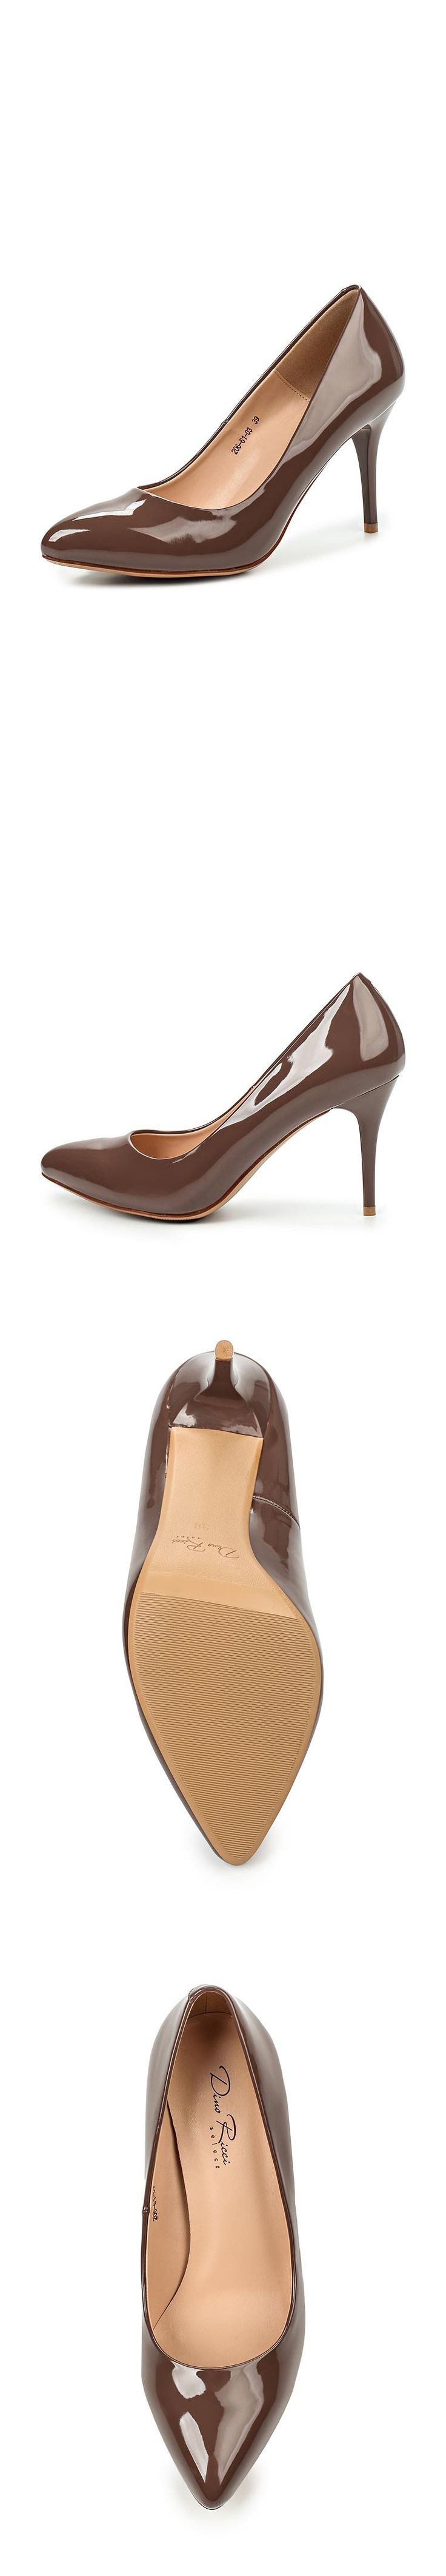 Женская обувь туфли Dino Ricci Select за 3440.00 руб.